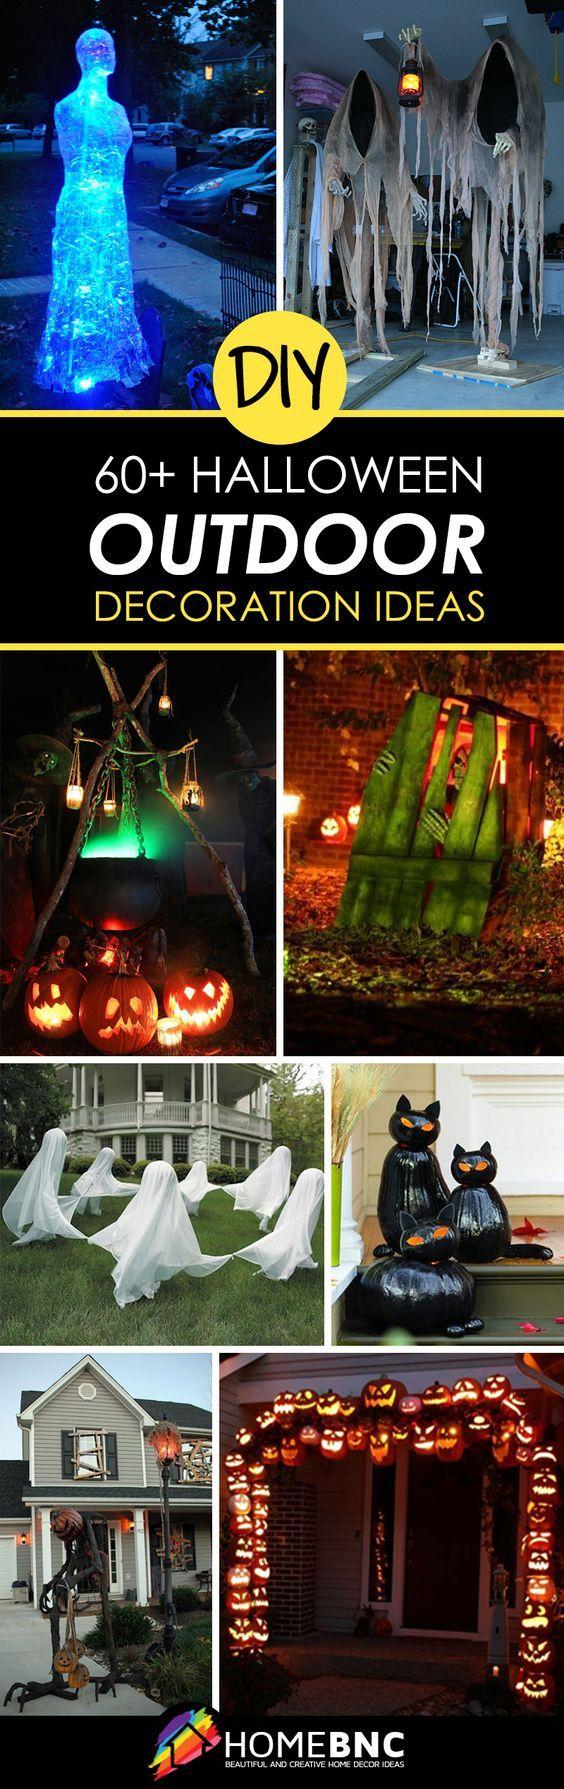 64 Best DIY Halloween Outdoor Decorations for 2018 👻 Outdoor - outdoor halloween decorating ideas